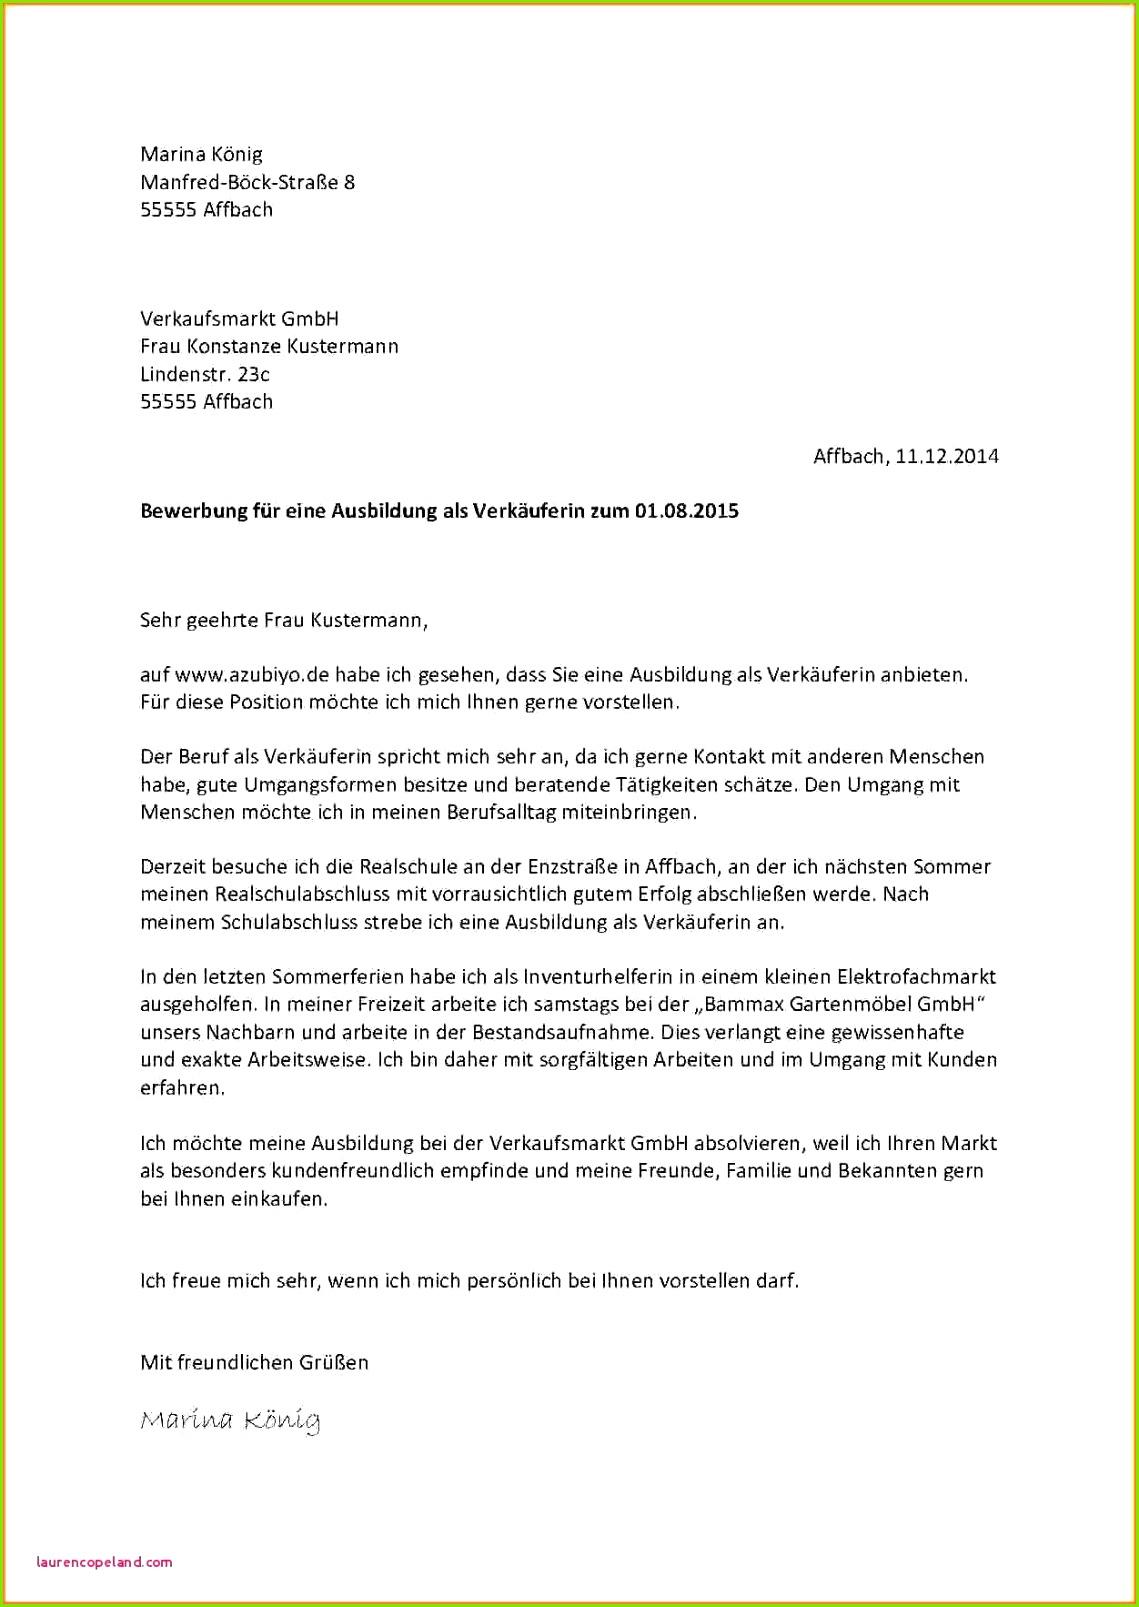 Betriebsrat Vereinbarung Lovely Richtig Kundigen Als Arbeitnehmer Vorlage 15 Kündigung Vorlage